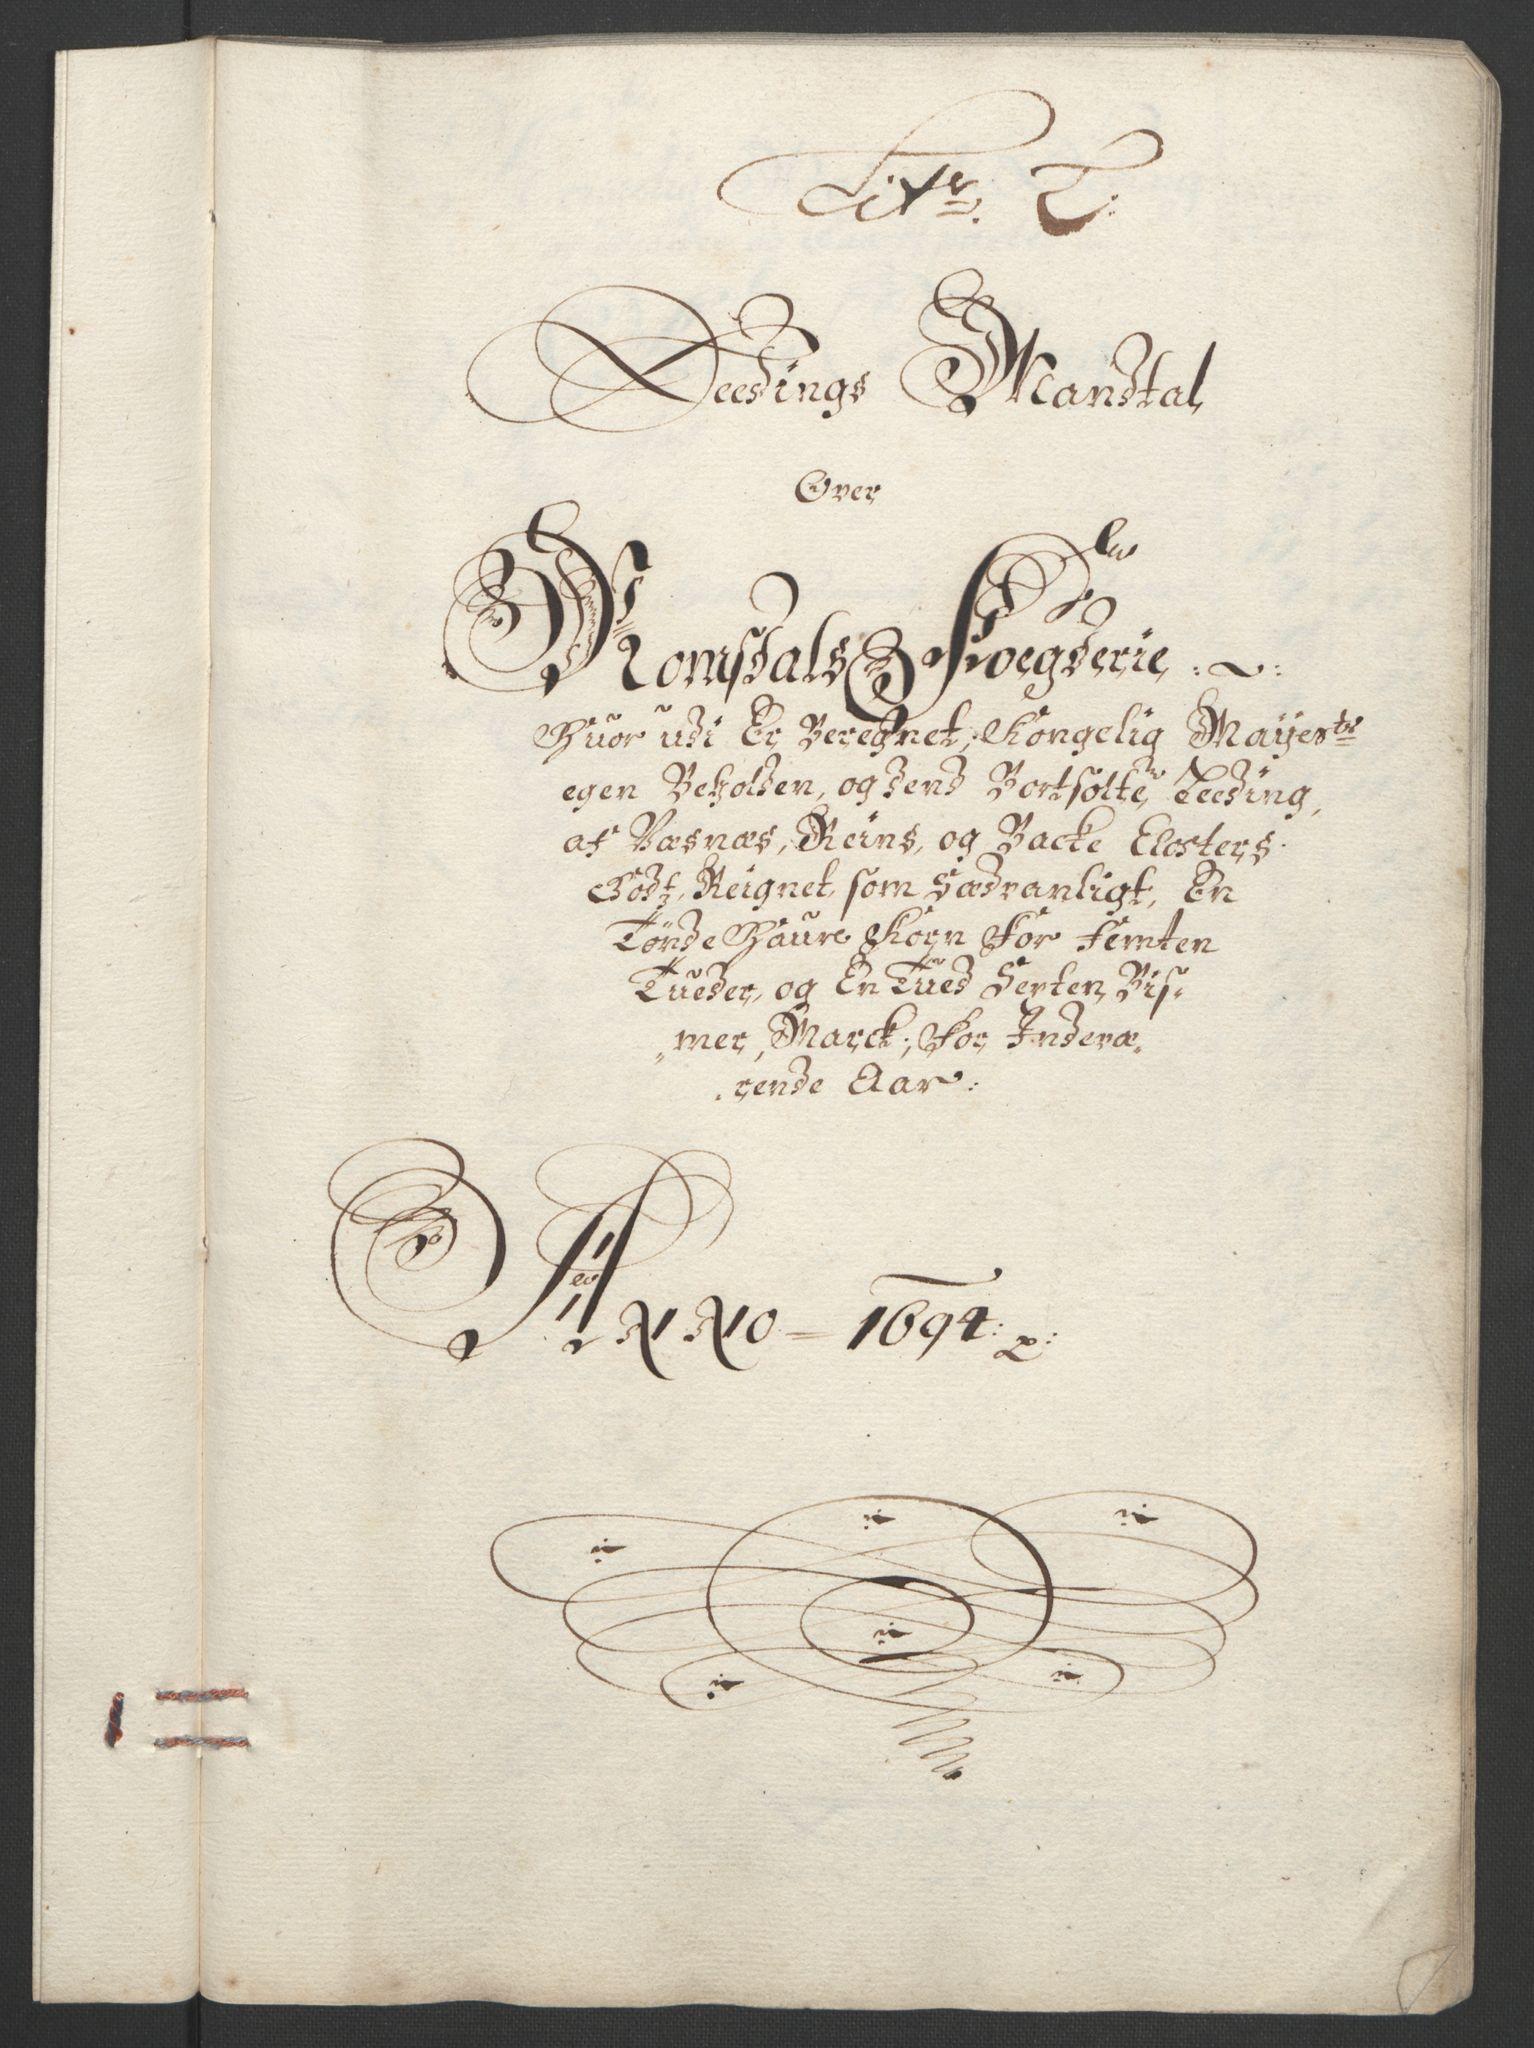 RA, Rentekammeret inntil 1814, Reviderte regnskaper, Fogderegnskap, R55/L3651: Fogderegnskap Romsdal, 1693-1694, s. 263